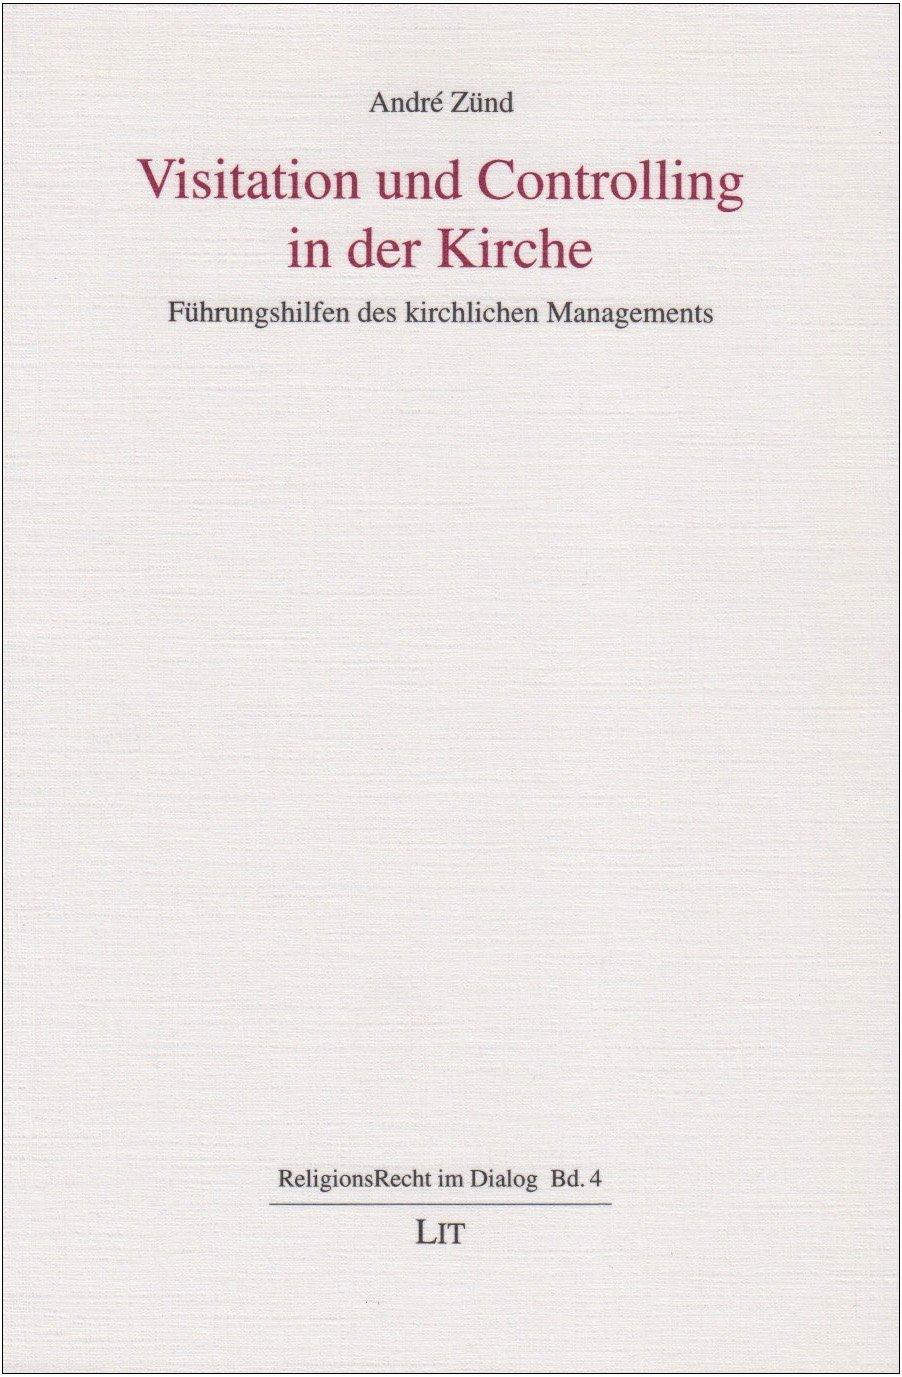 Visitation und Controlling in der Kirche: Führungshilfen des kirchlichen Managements (Religionsrecht im Dialog)